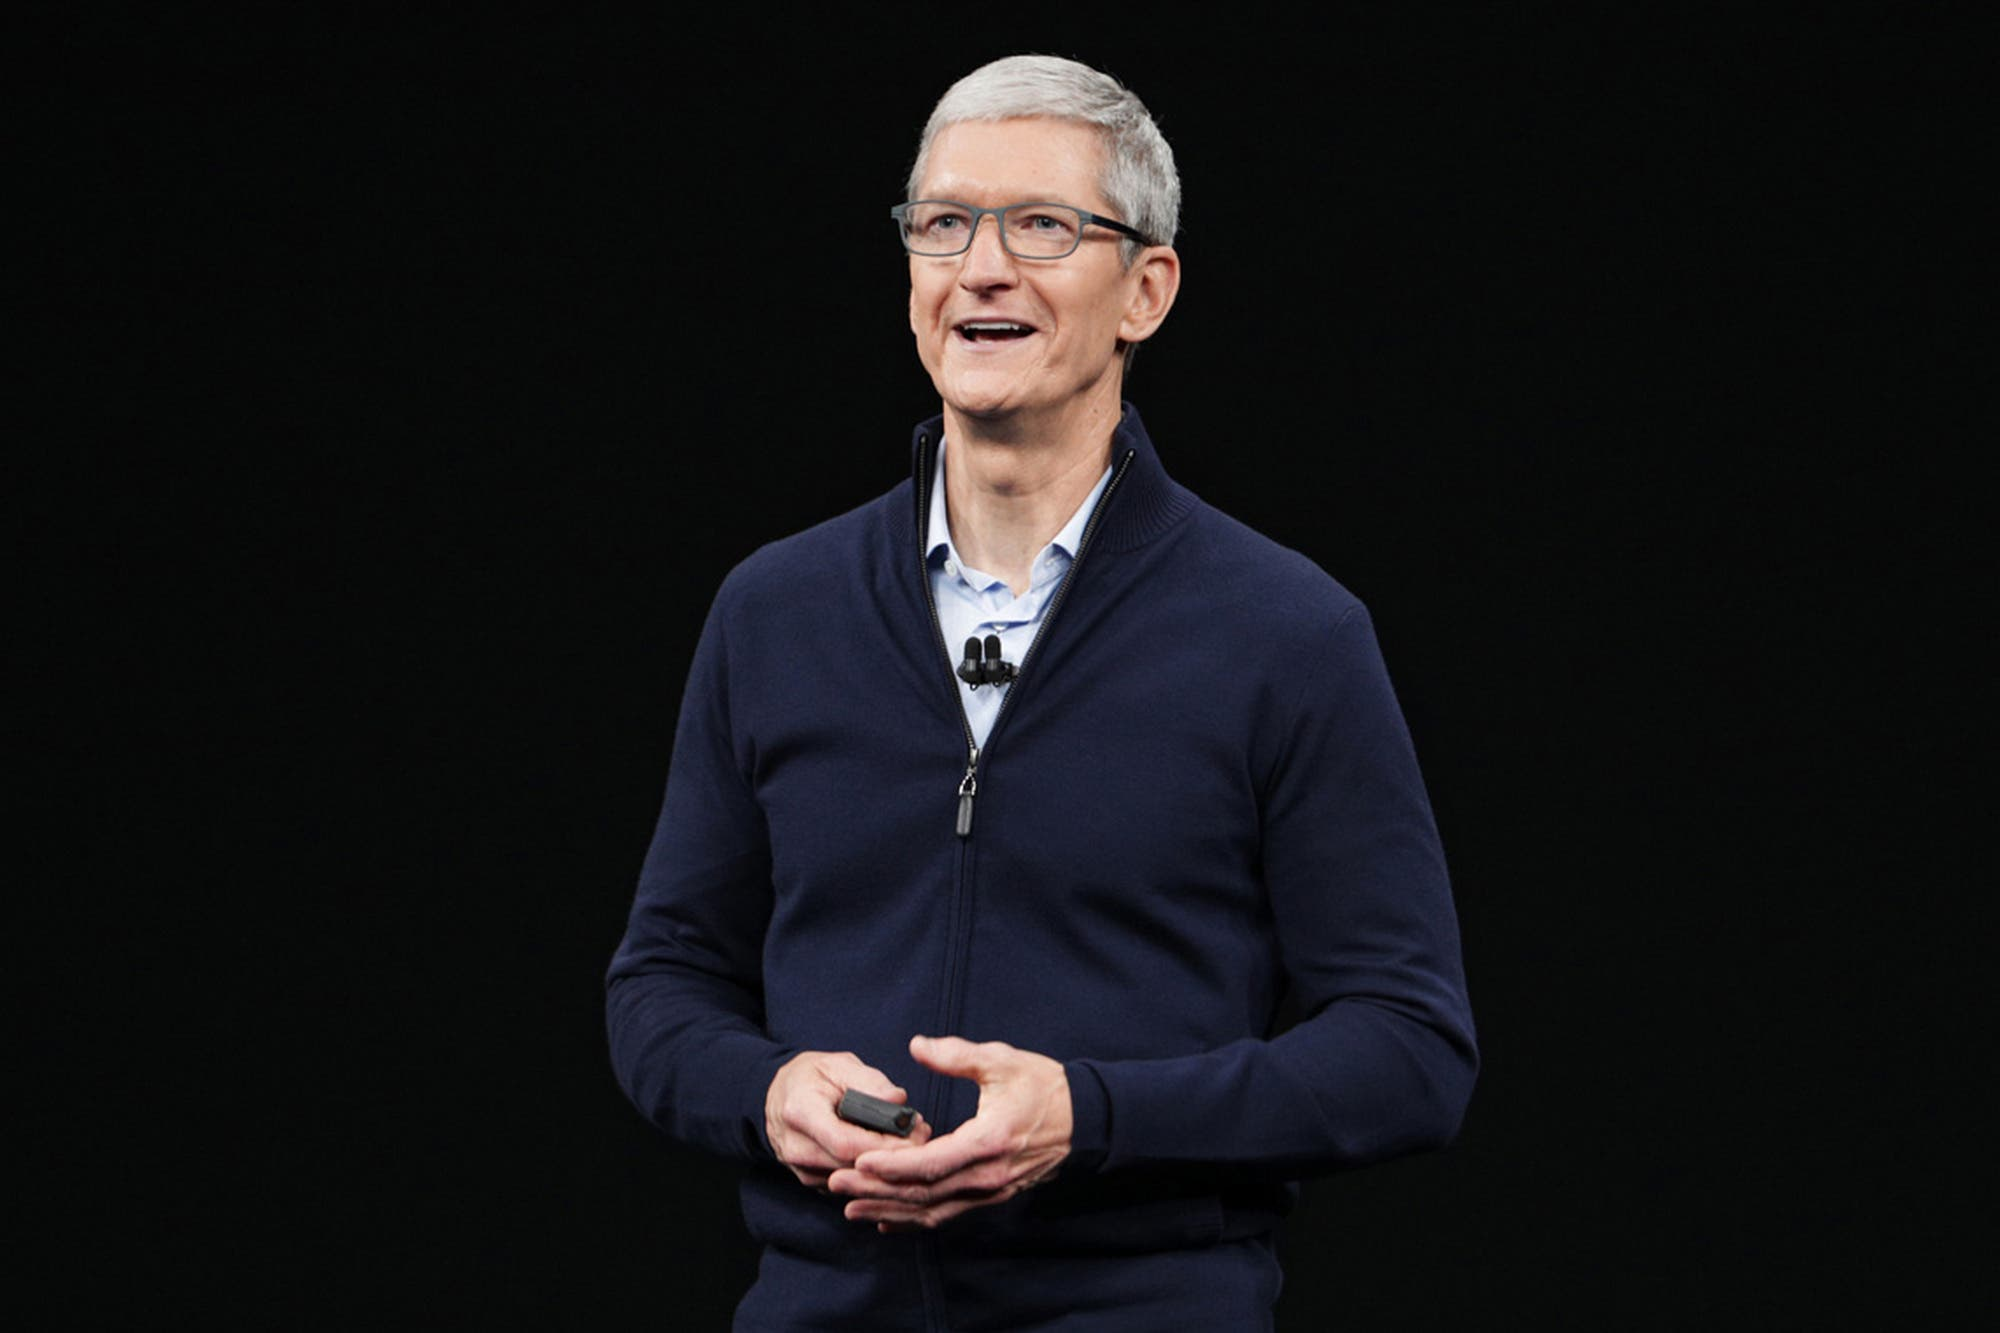 Apple planea lanzar sus propios anteojos de realidad aumentada en 2023